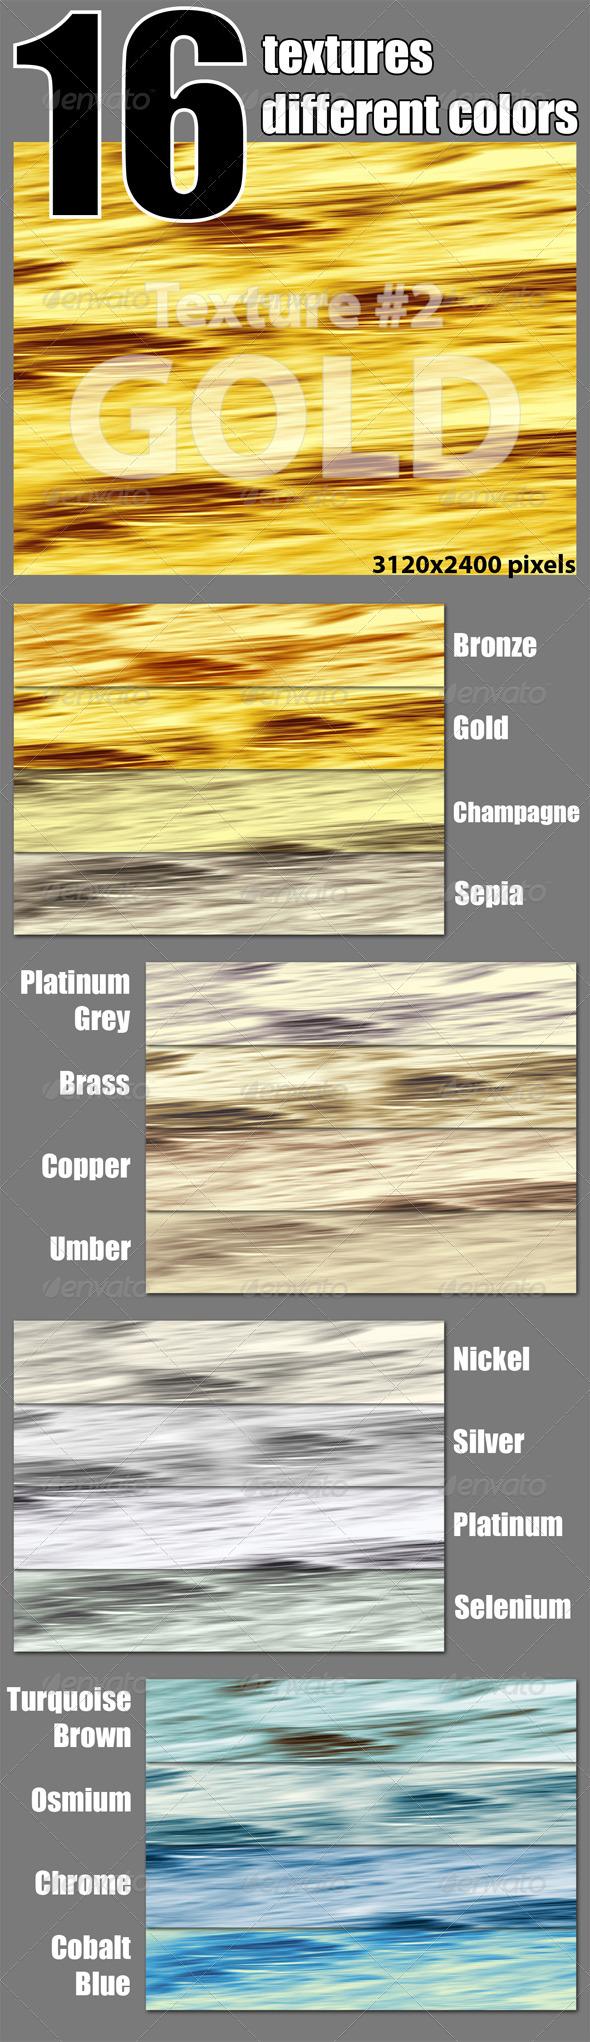 16 Textures of Metallic Hues - Metal Textures